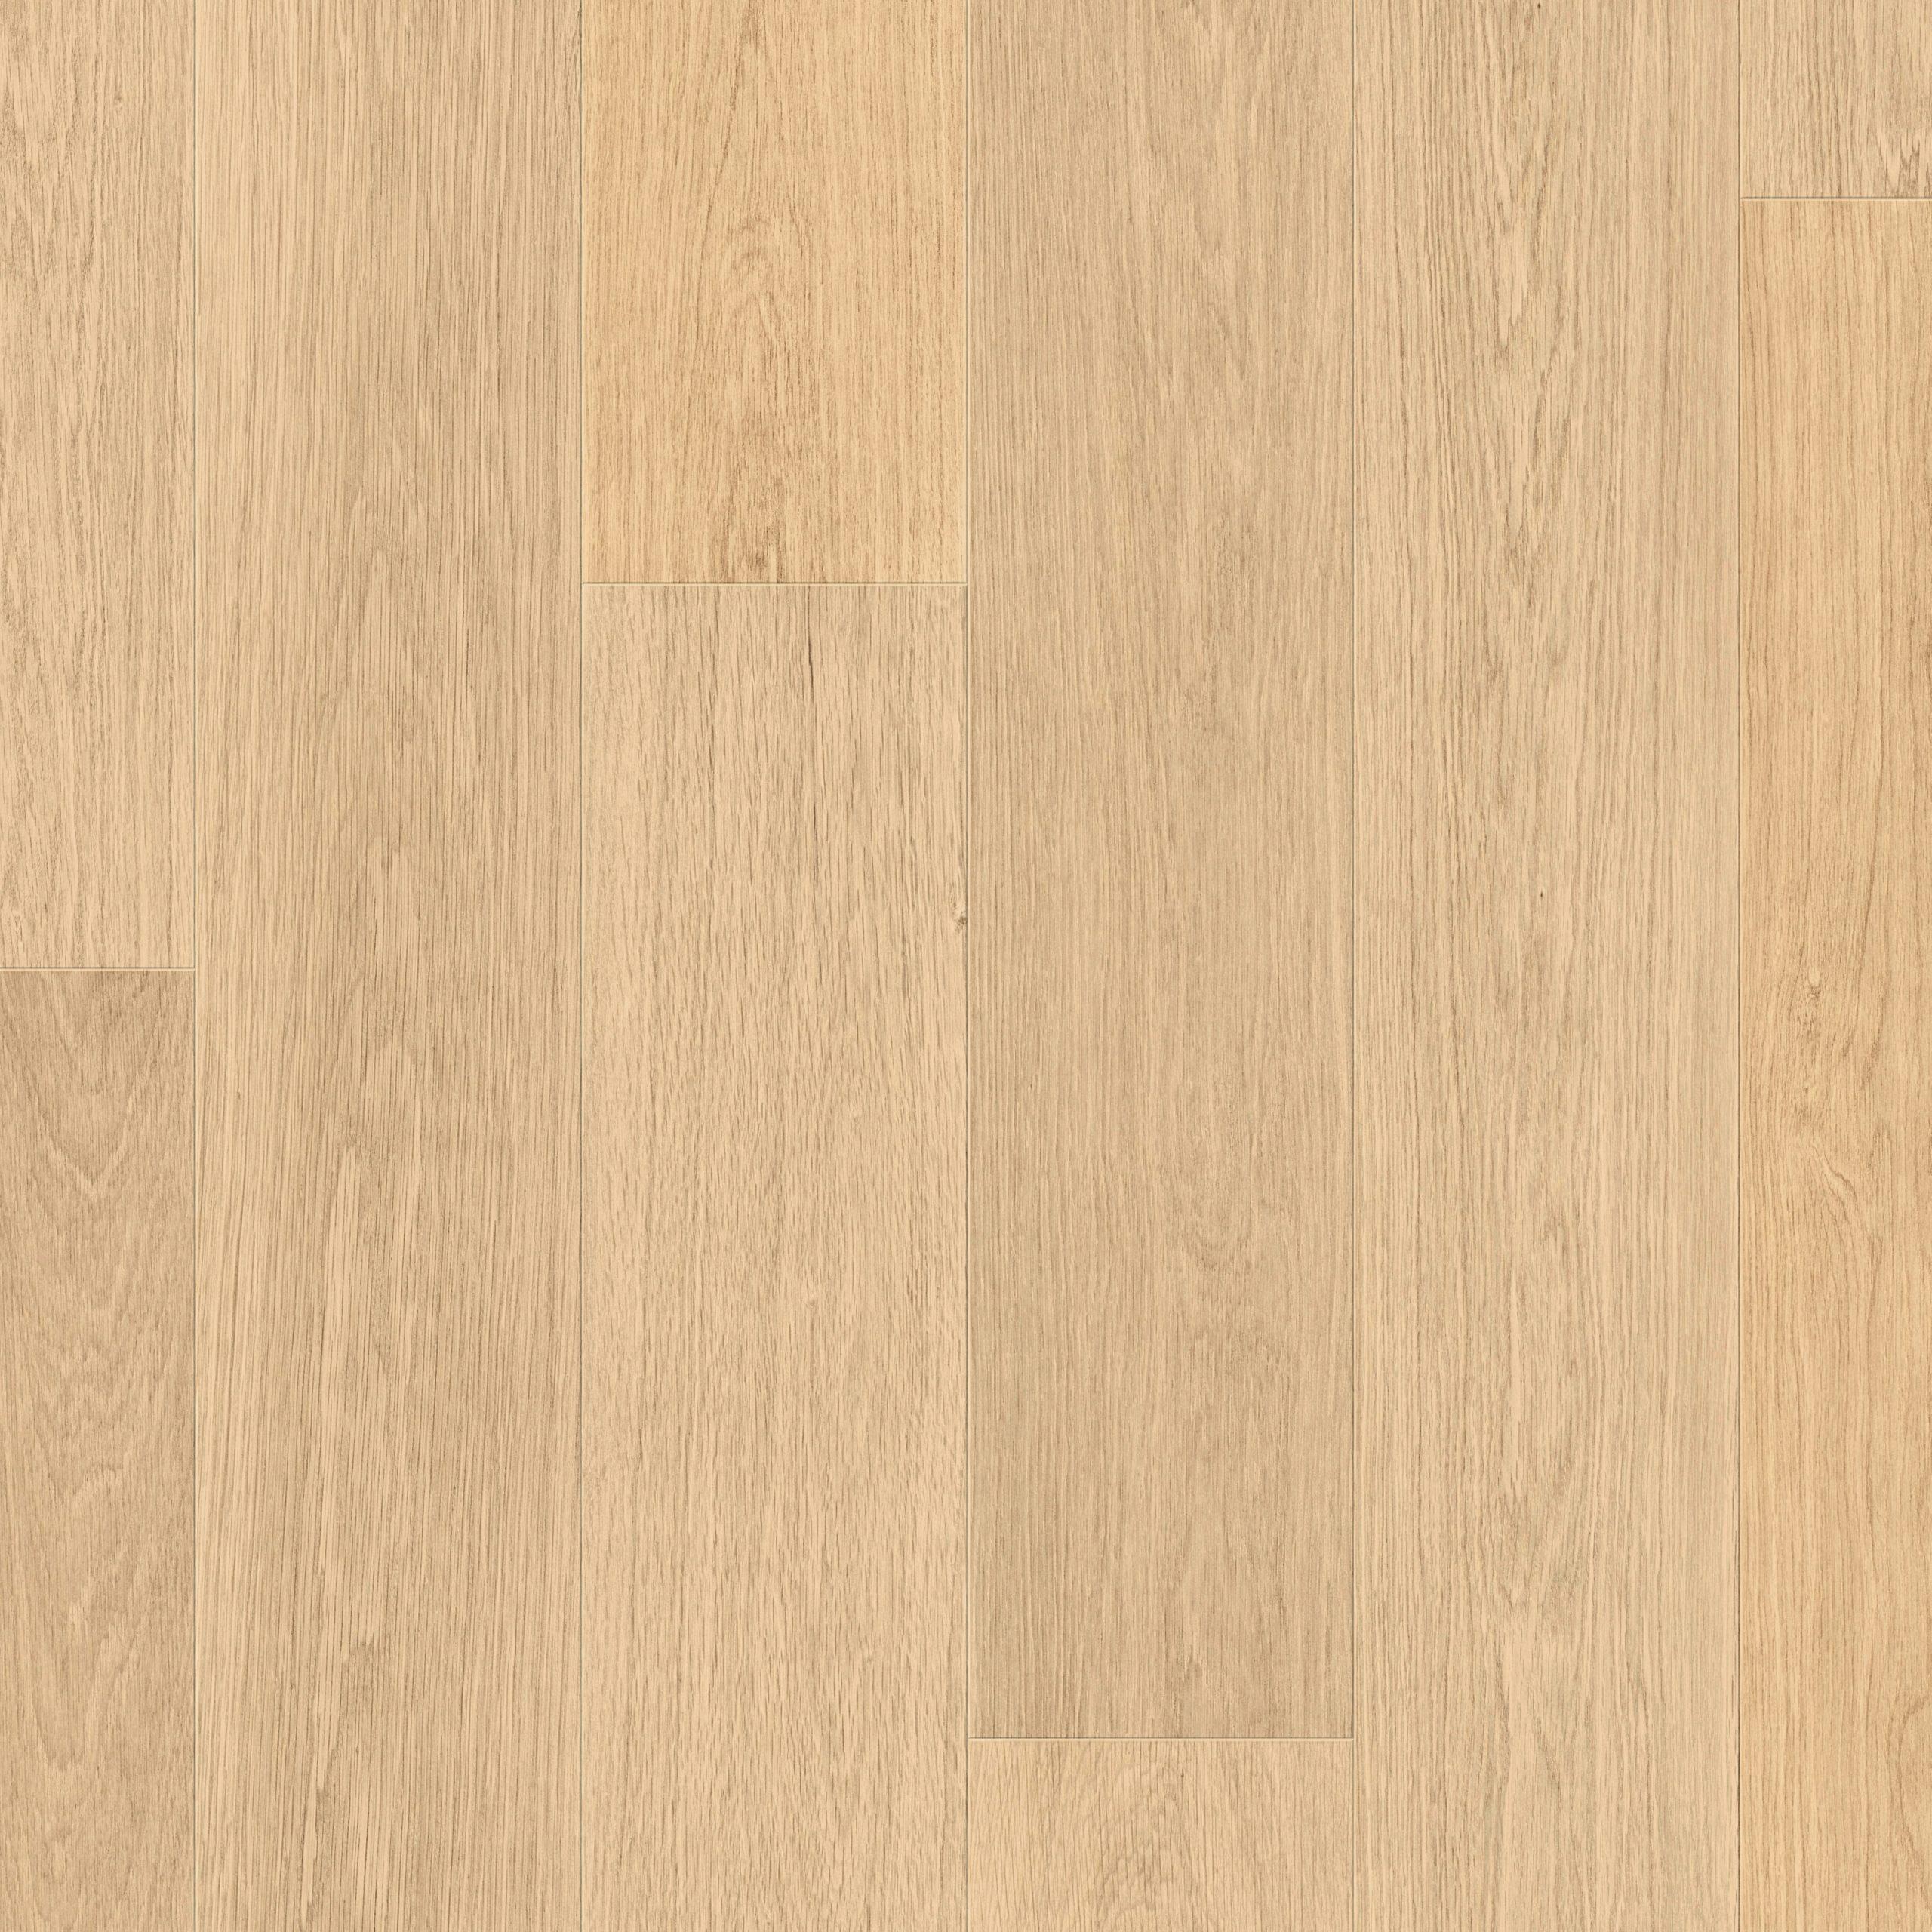 LPU1283_Topshot-Square HR